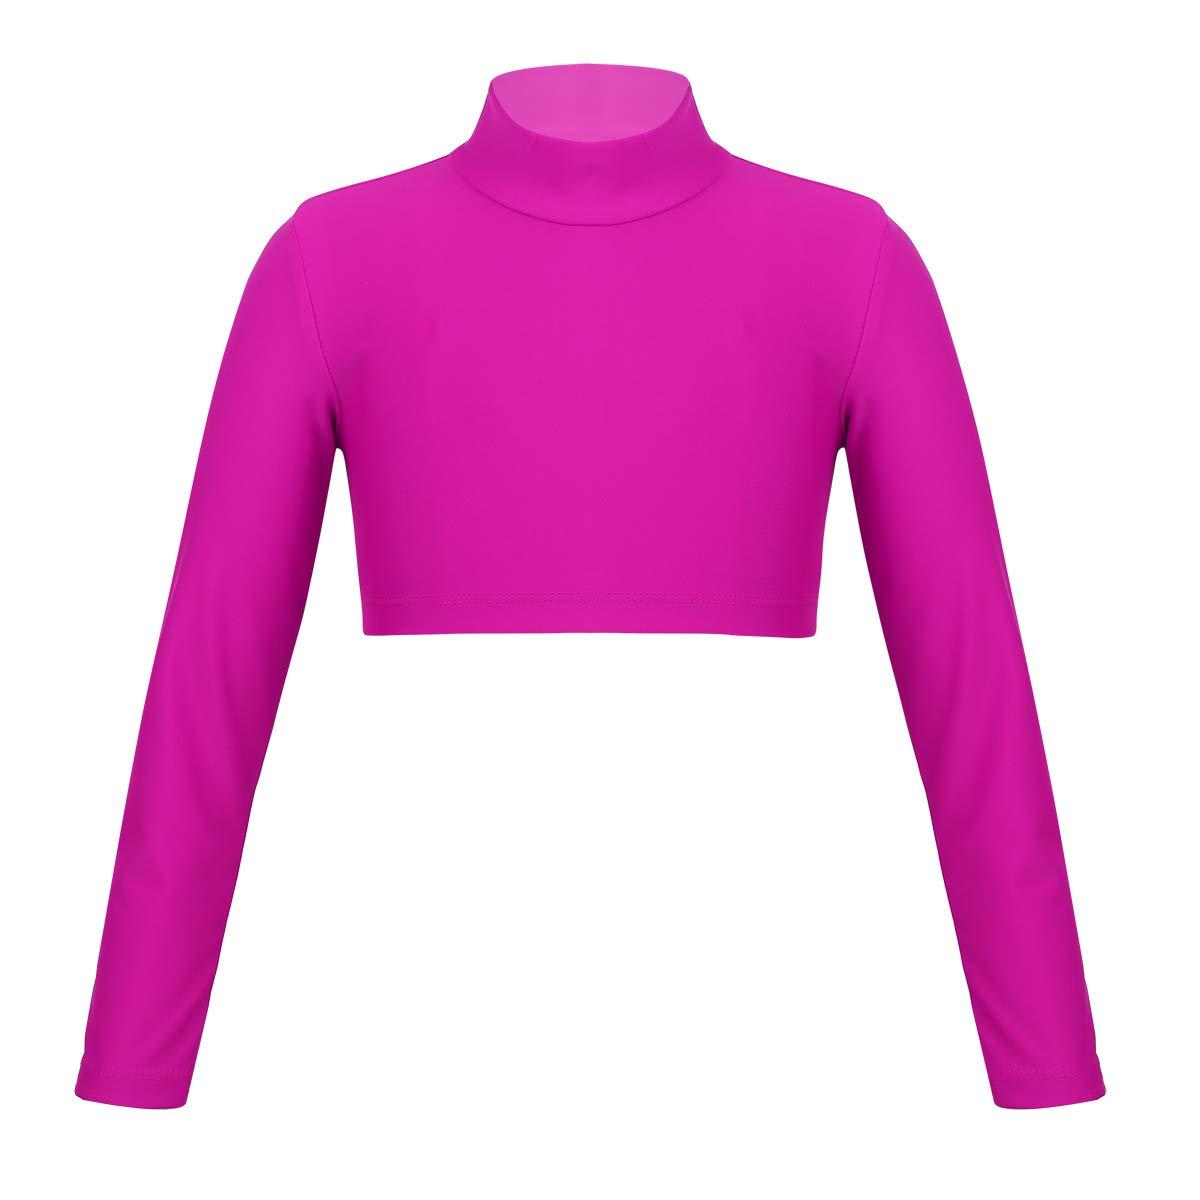 iiniim Kids Girls Mock Neck Sport Dance Crop Top Outfit Long Sleeve Stretch Workout Pullover T-Shirt Tops